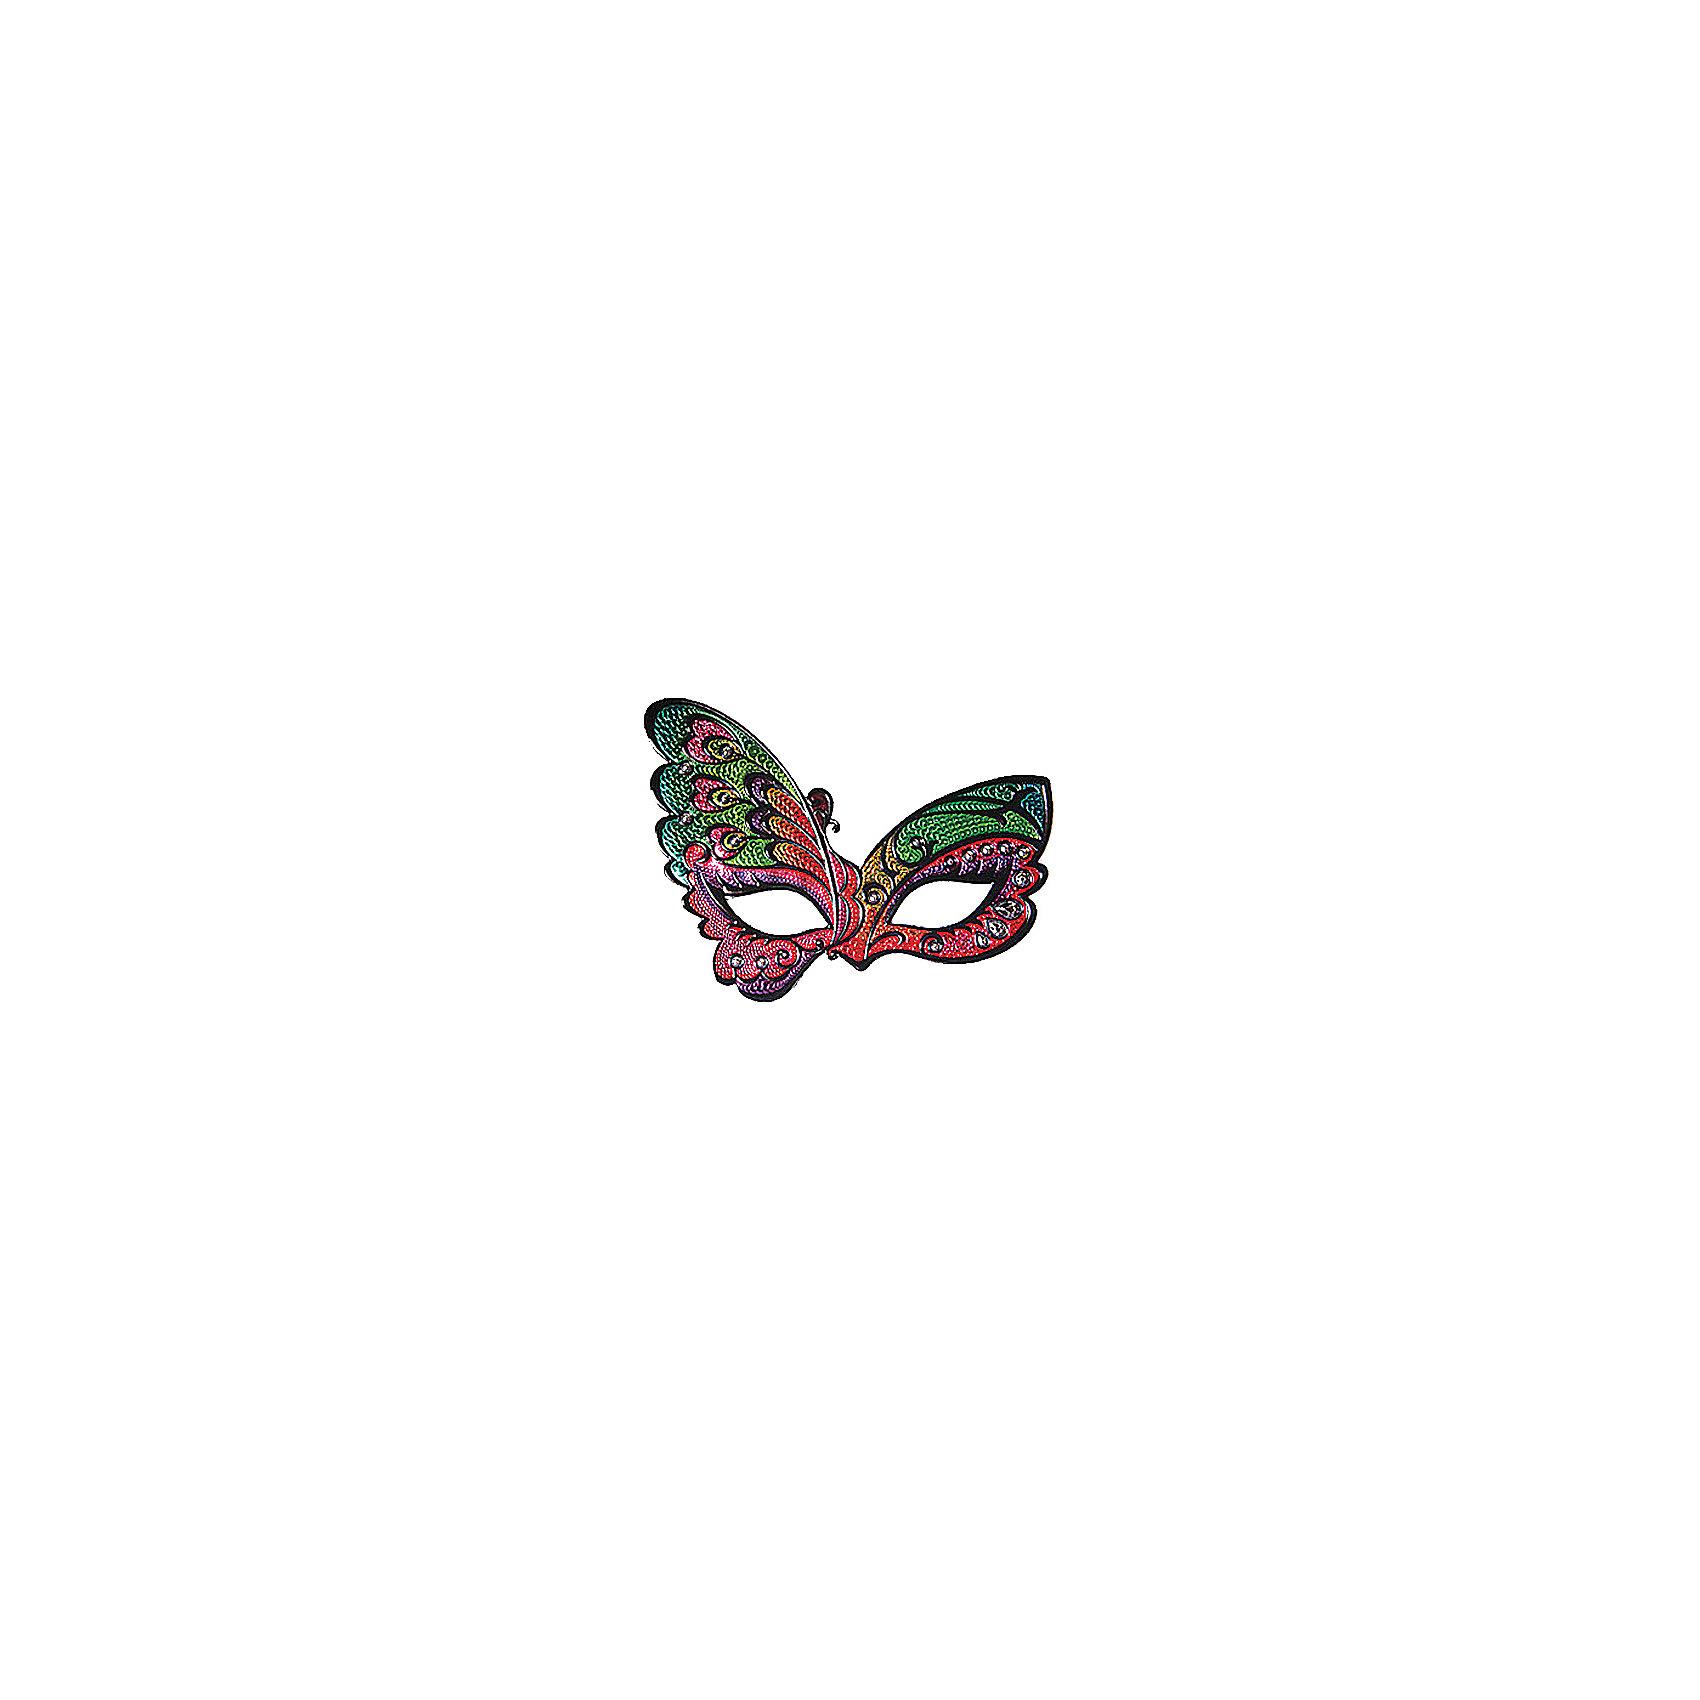 Маска ЗагадкаМаска Загадка, Marko Ferenzo, станет замечательным дополнением к карнавальному наряду. Маска приятной розово-зеленой расцветки выполнена в виде крыльев бабочки и декорирована нарядными узорами и пайетками. Изготовлена из мягкого безопасного пластика, фиксируется с помощью резинки.<br><br> Дополнительная информация:<br><br>- Материал: пластик.<br>- Размер маски: 22 х 17 см.<br><br>Маску Загадка, Marko Ferenzo, можно купить в нашем интернет-магазине.<br><br>Ширина мм: 100<br>Глубина мм: 10<br>Высота мм: 100<br>Вес г: 469<br>Возраст от месяцев: 36<br>Возраст до месяцев: 2147483647<br>Пол: Унисекс<br>Возраст: Детский<br>SKU: 4418904